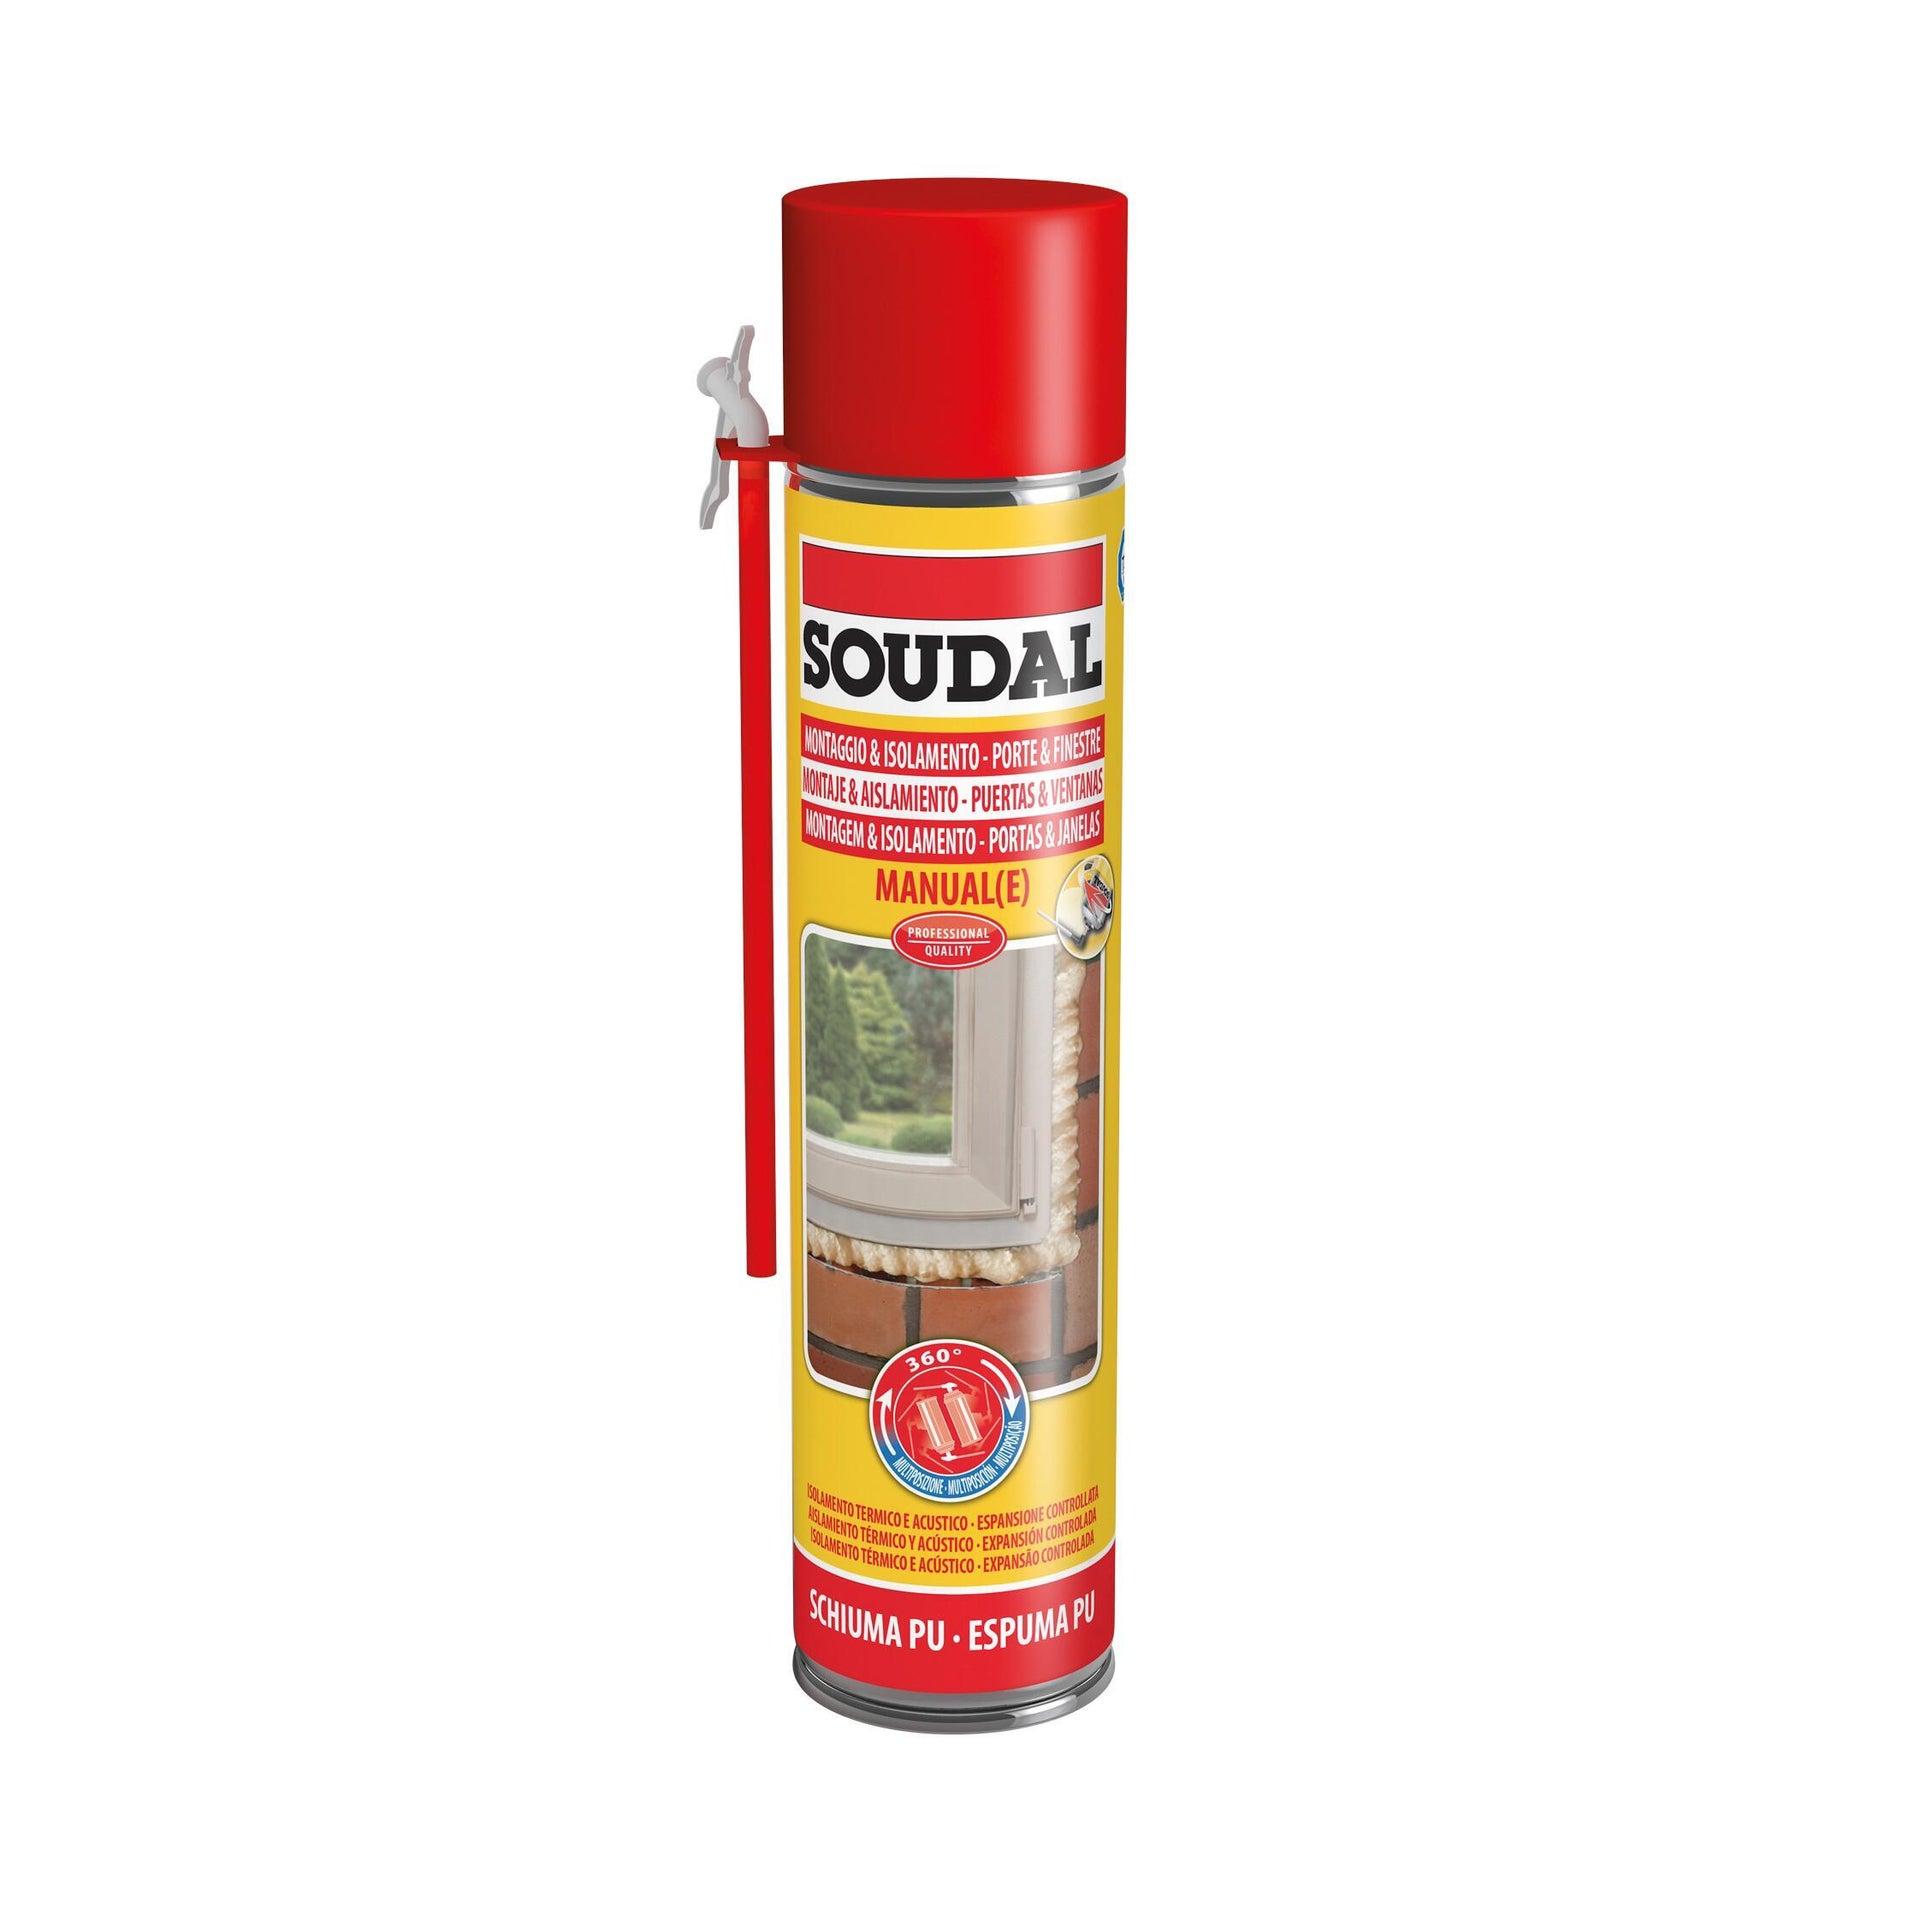 Schiuma di poliuretano SOUDAL Porte e finestre ecru per porta 0,6 ml - 4